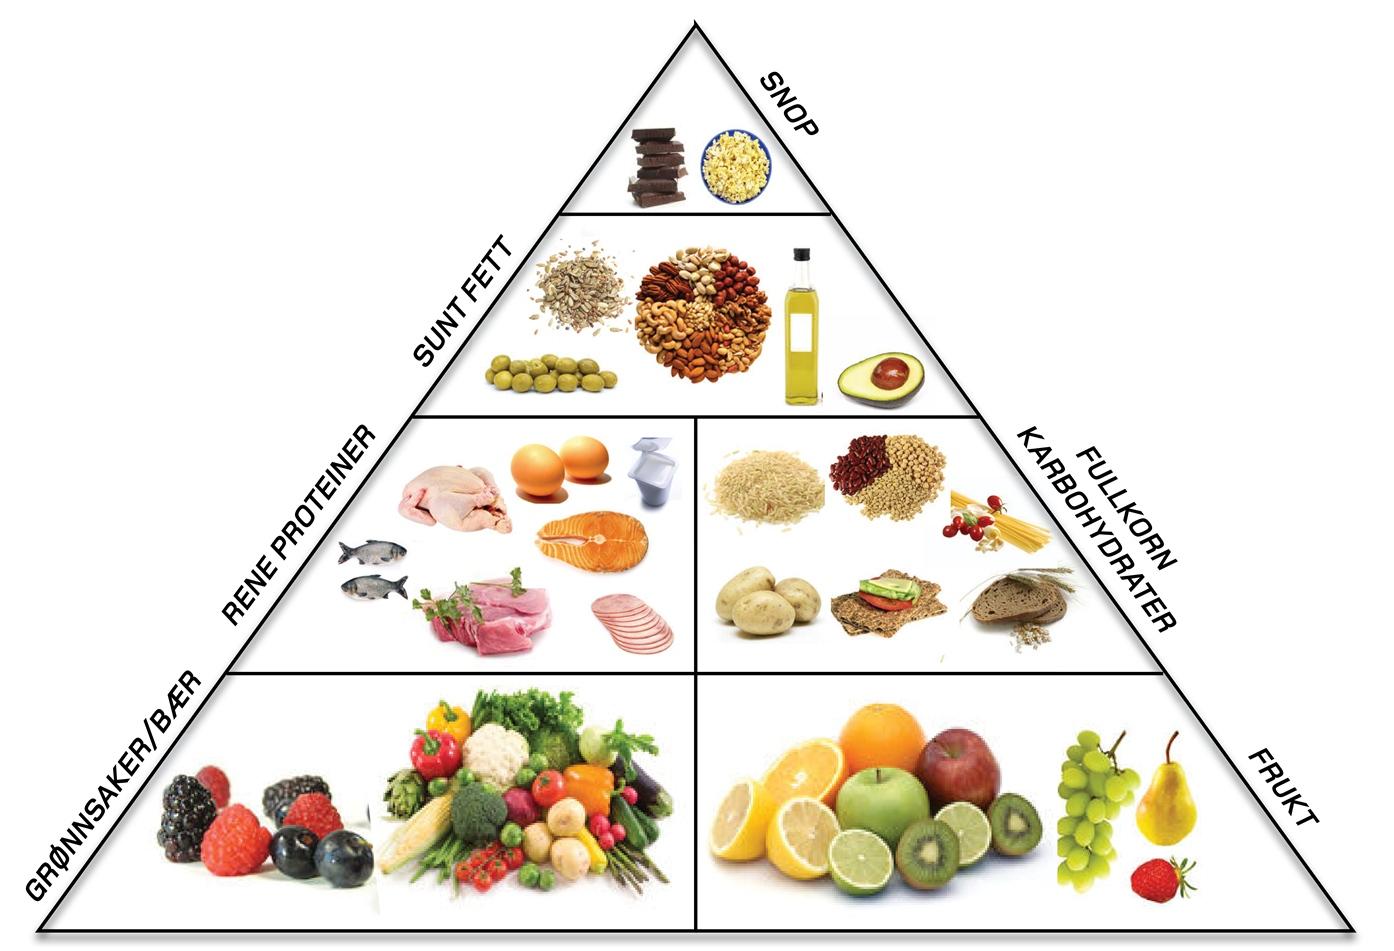 diett for å gå ned i vekt